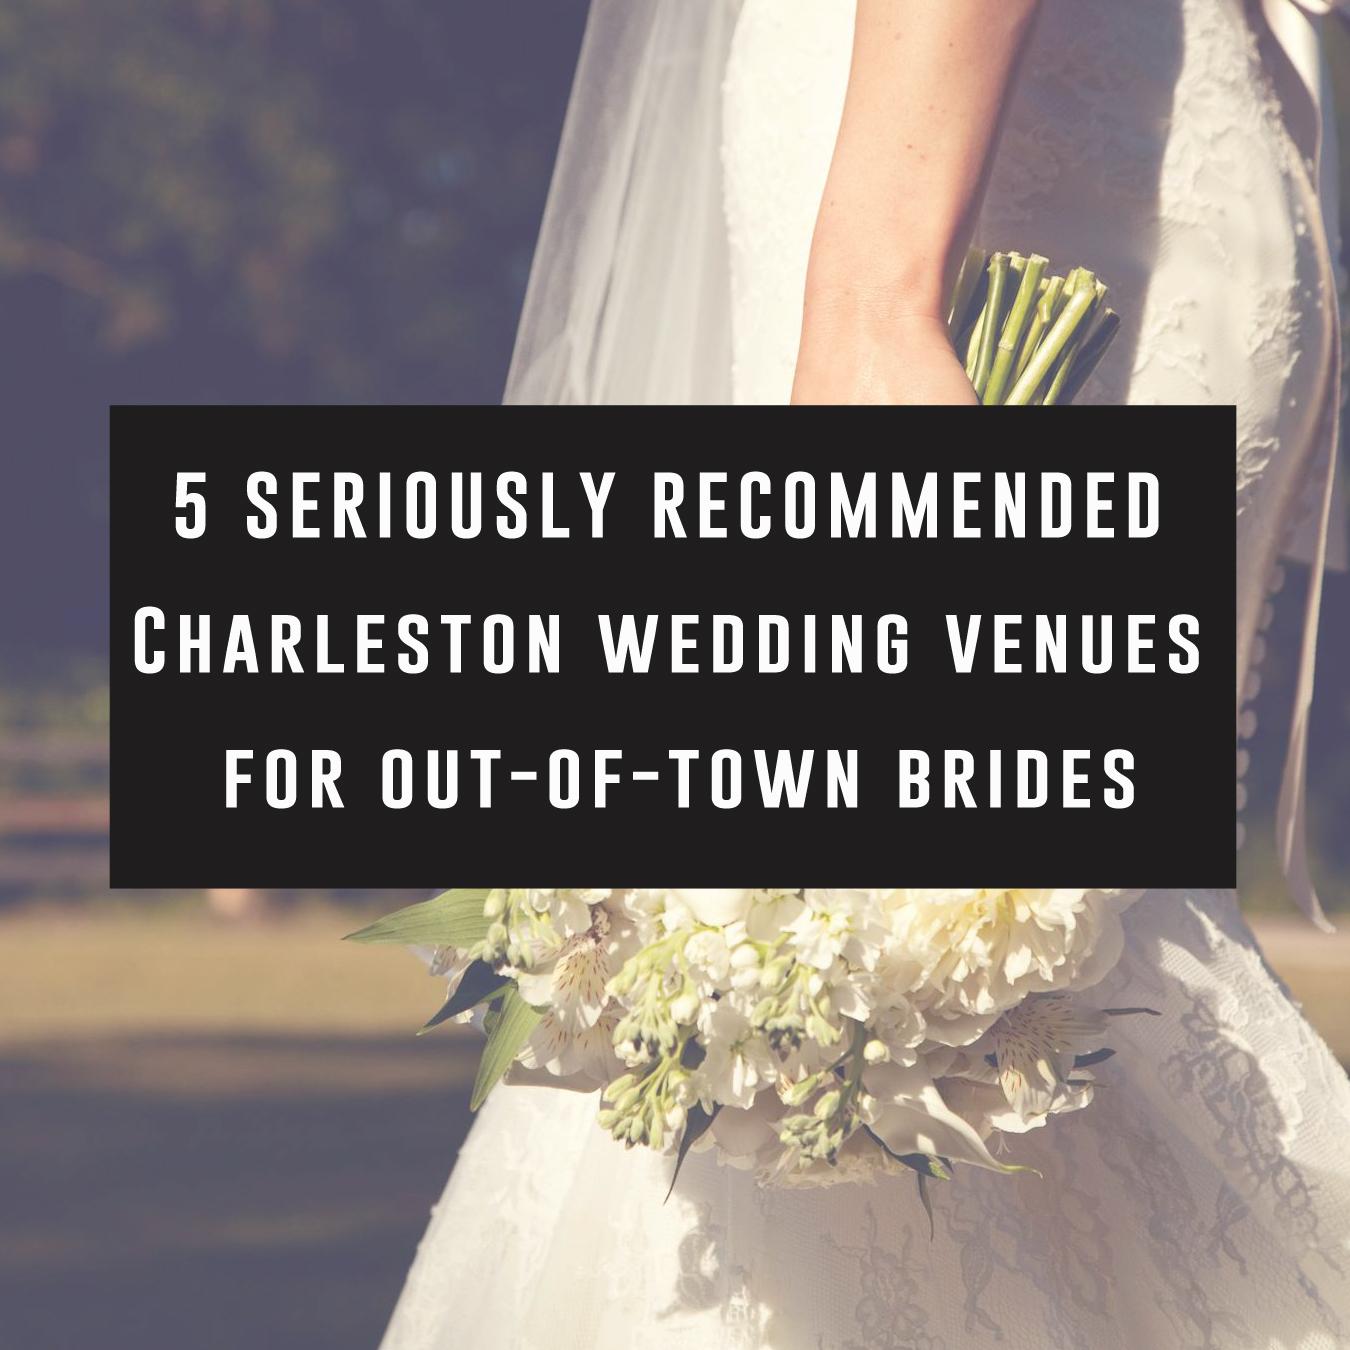 wedding-venues-blog-image.jpg